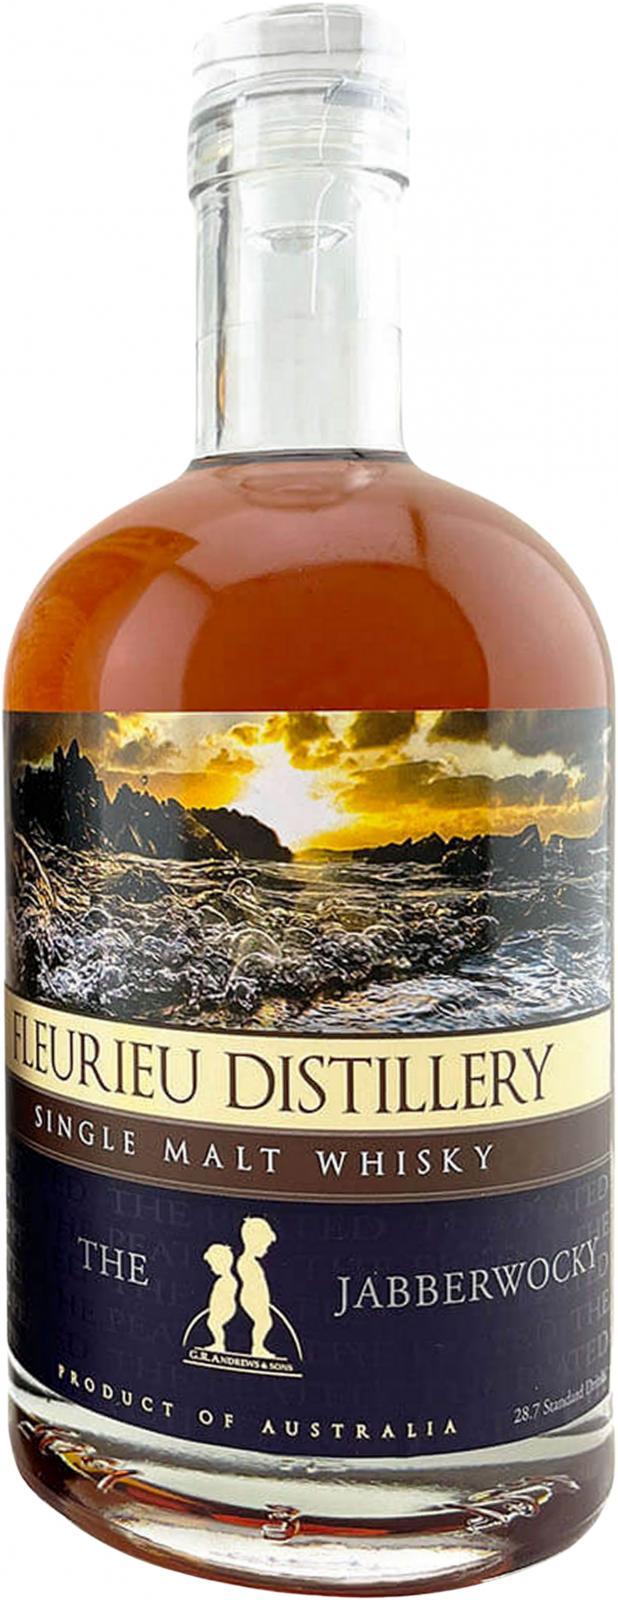 Fleurieu Distillery The Jabberwocky